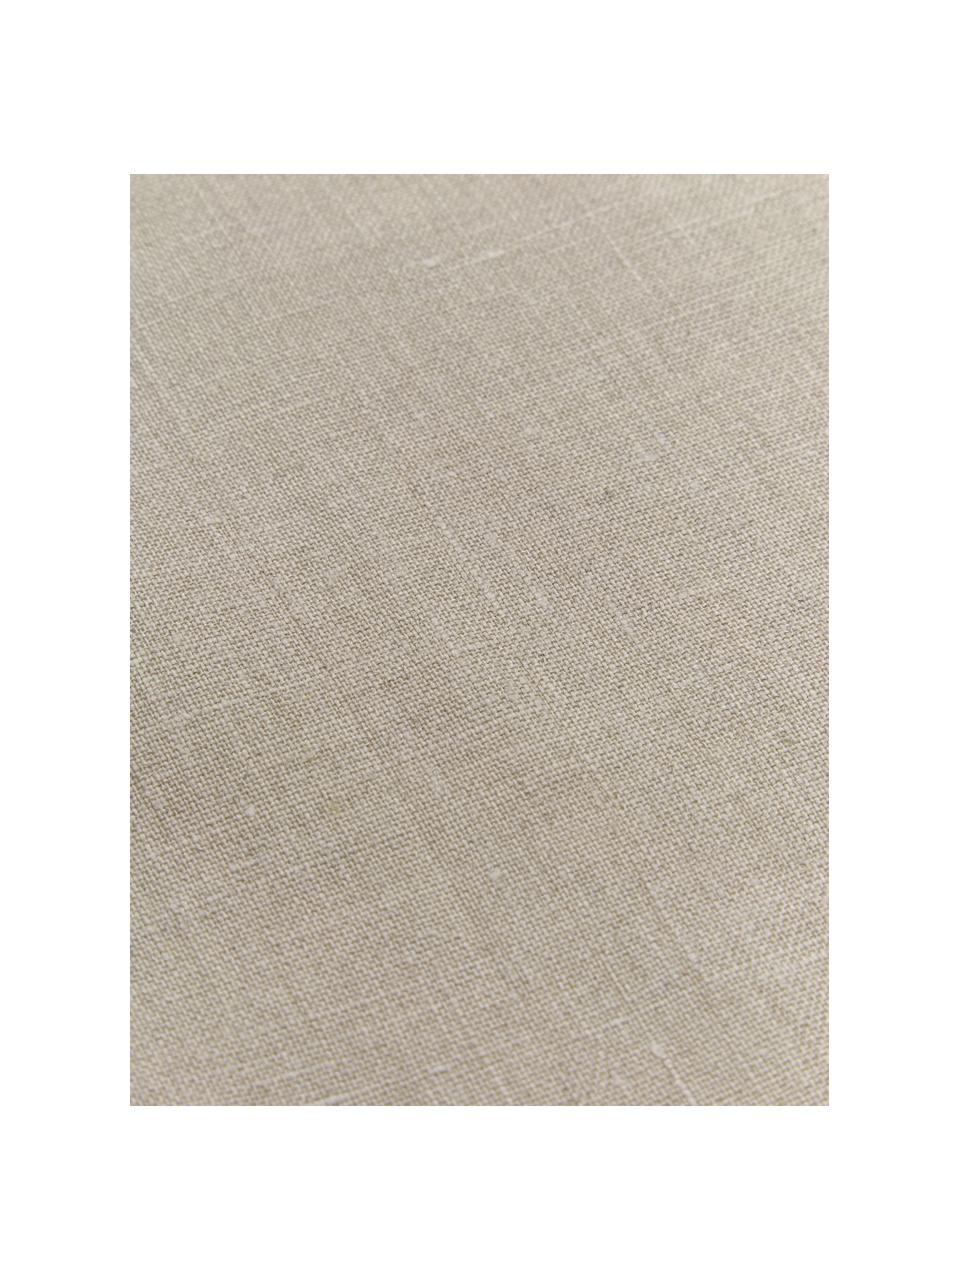 Tovaglia in lino Alanta, Beige, Per 6-8 persone  (Larg.160 x Lung. 250 cm)